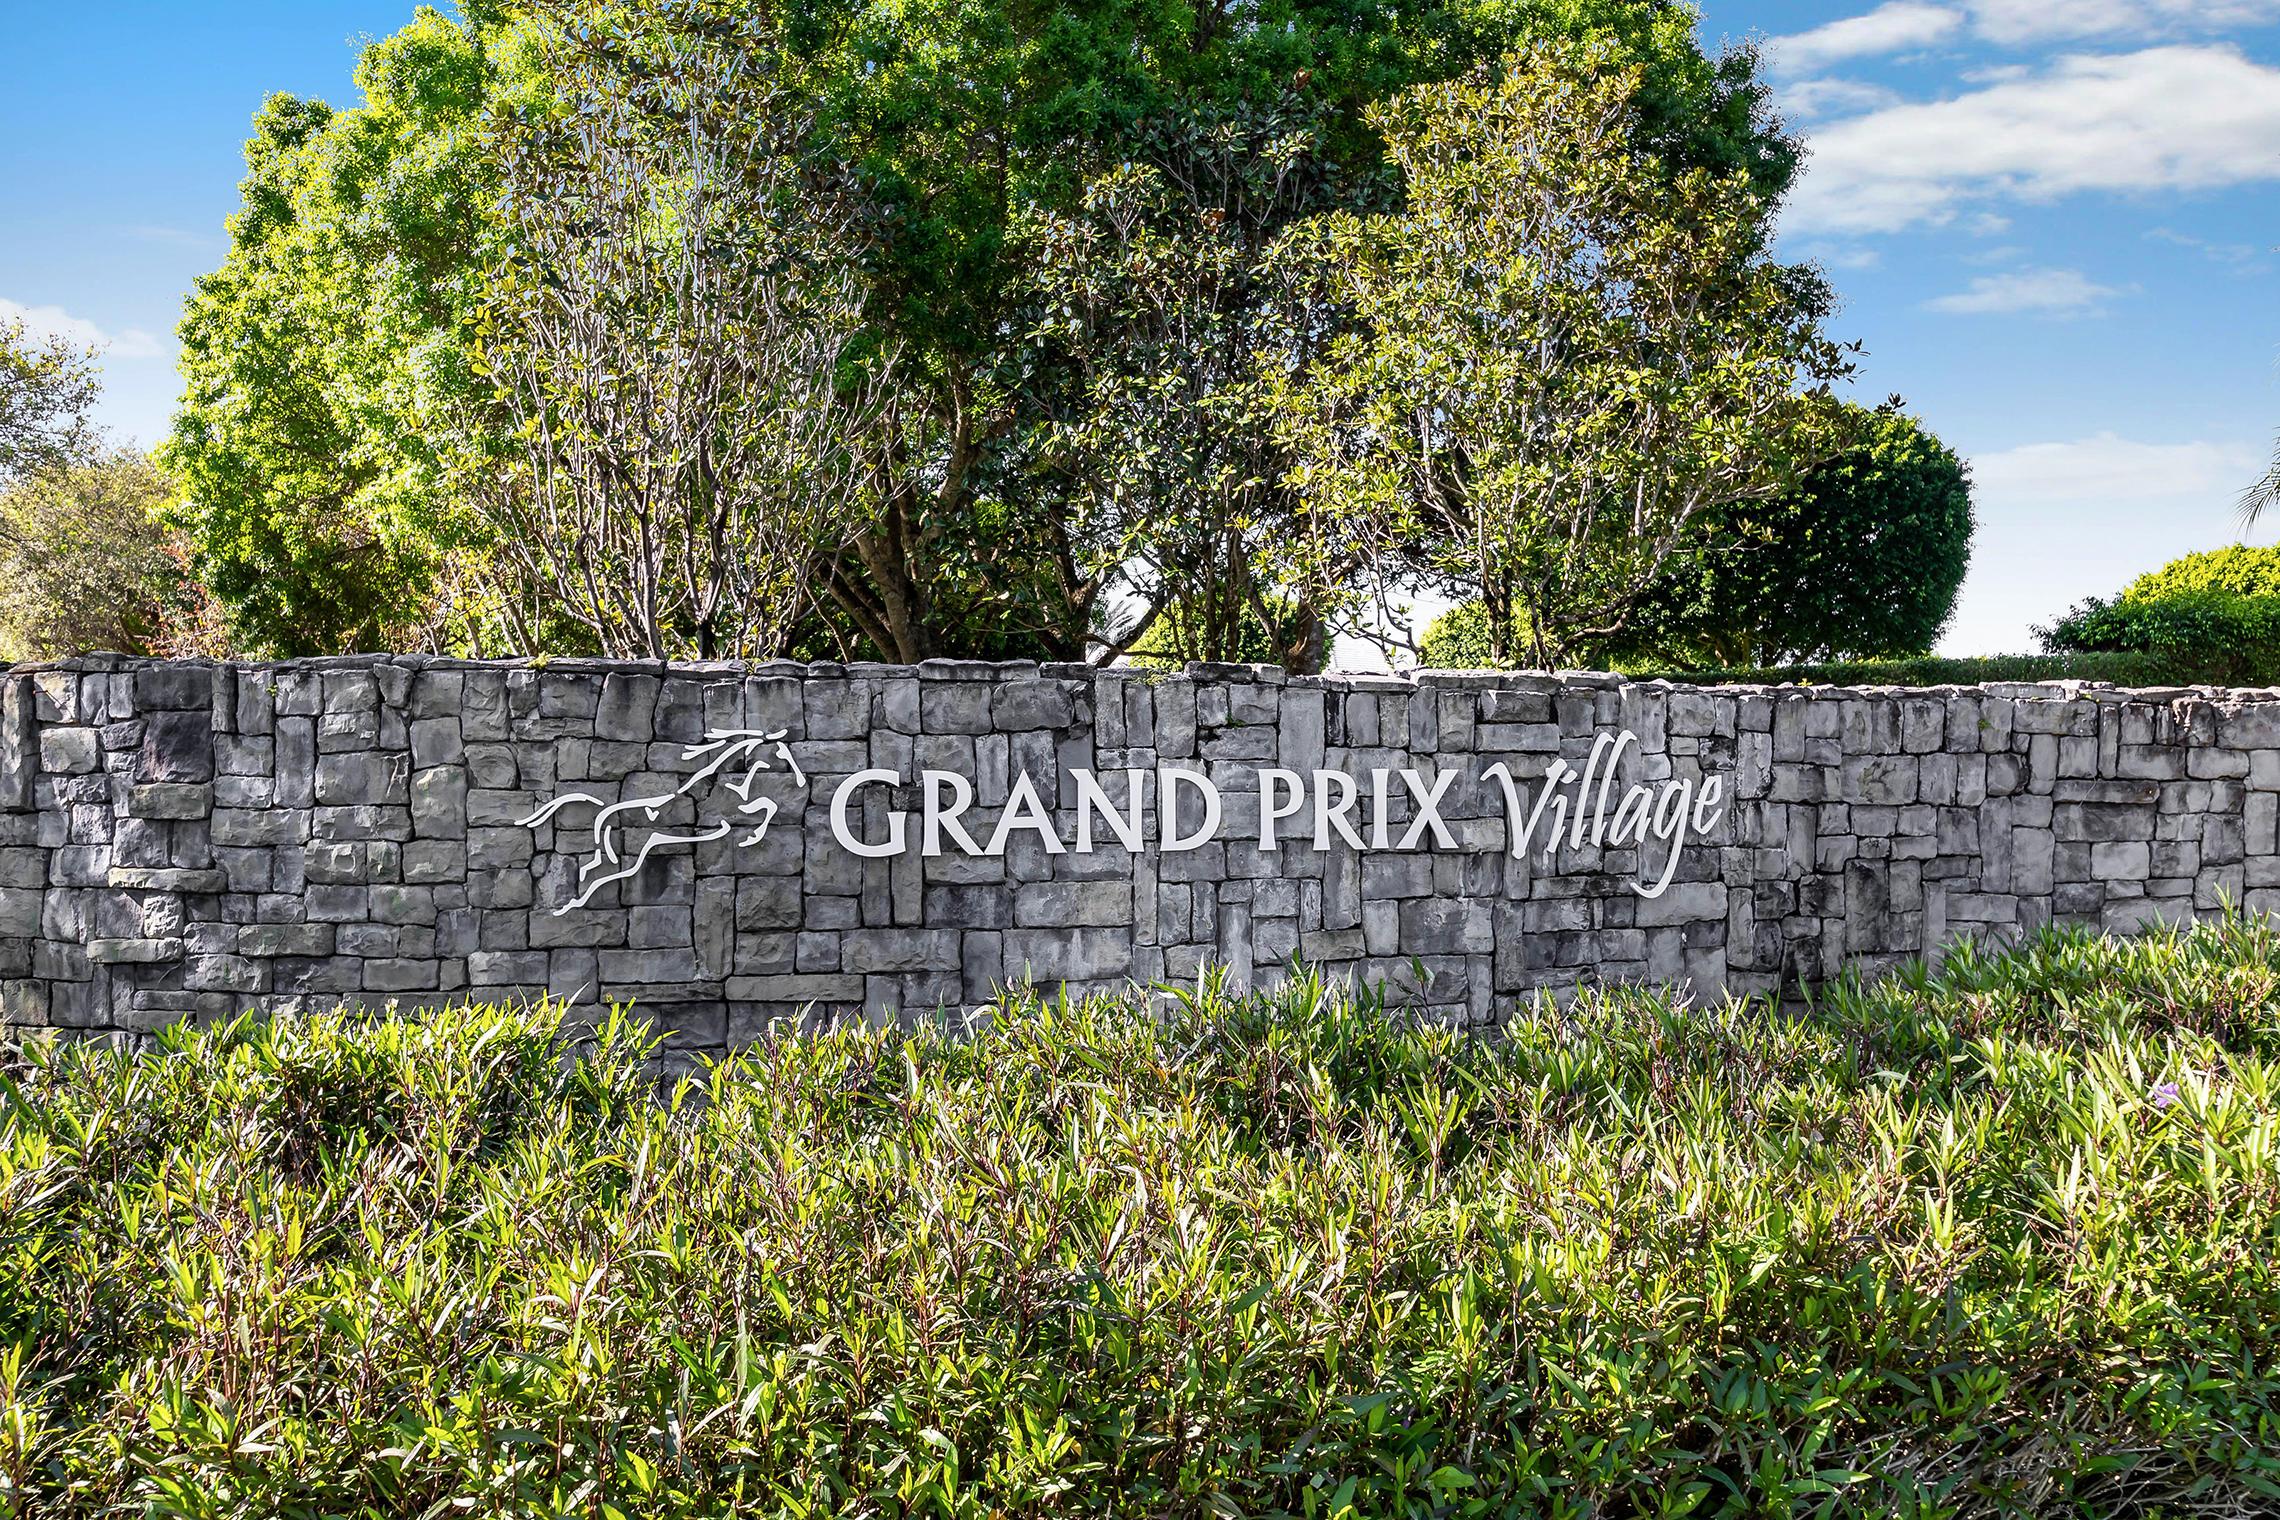 Grand Prix Village